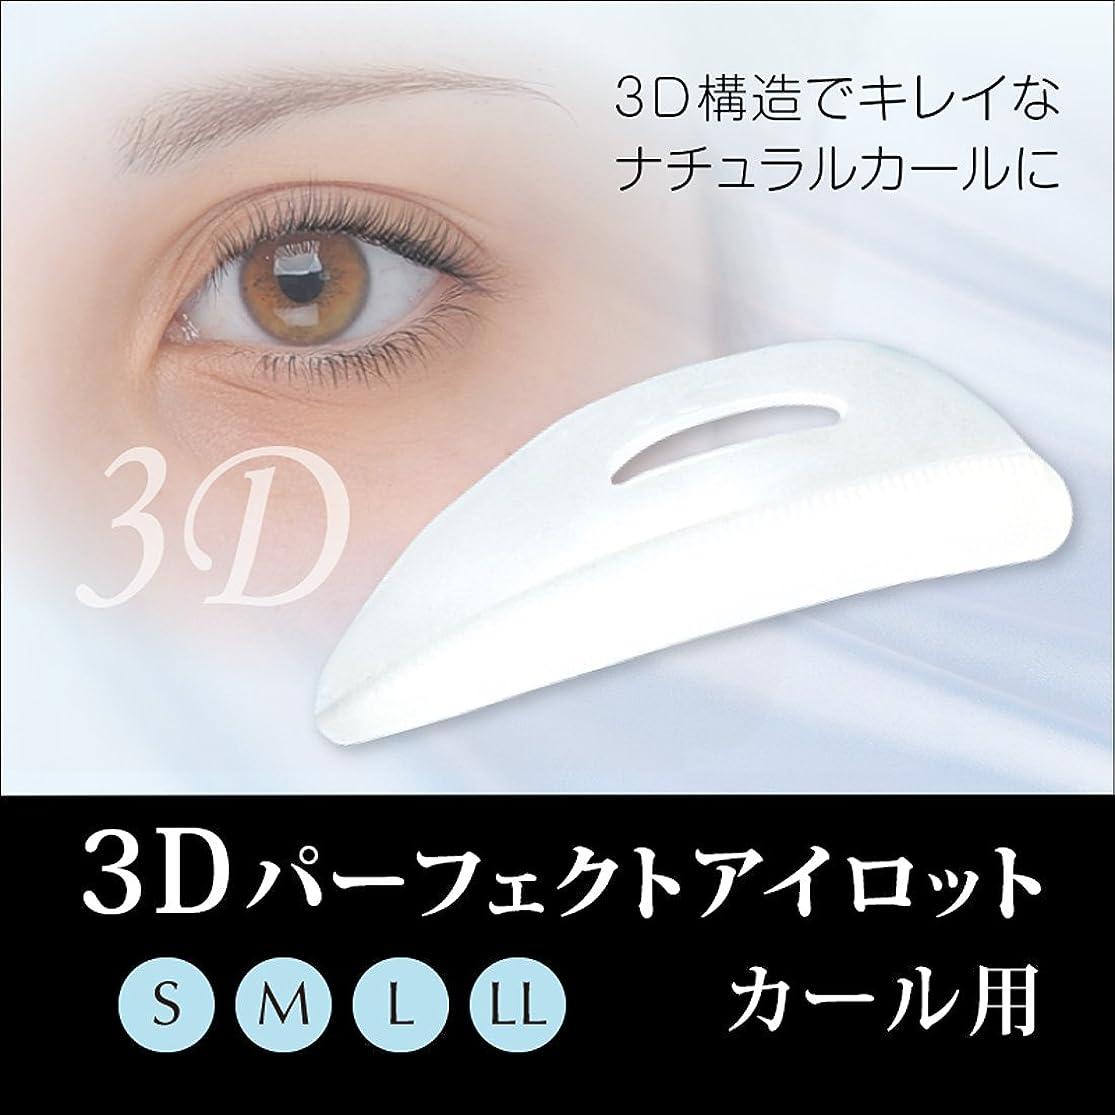 ソブリケットクライマックスラブ3Dパーフェクトアイロット カール用 (4サイズセット)